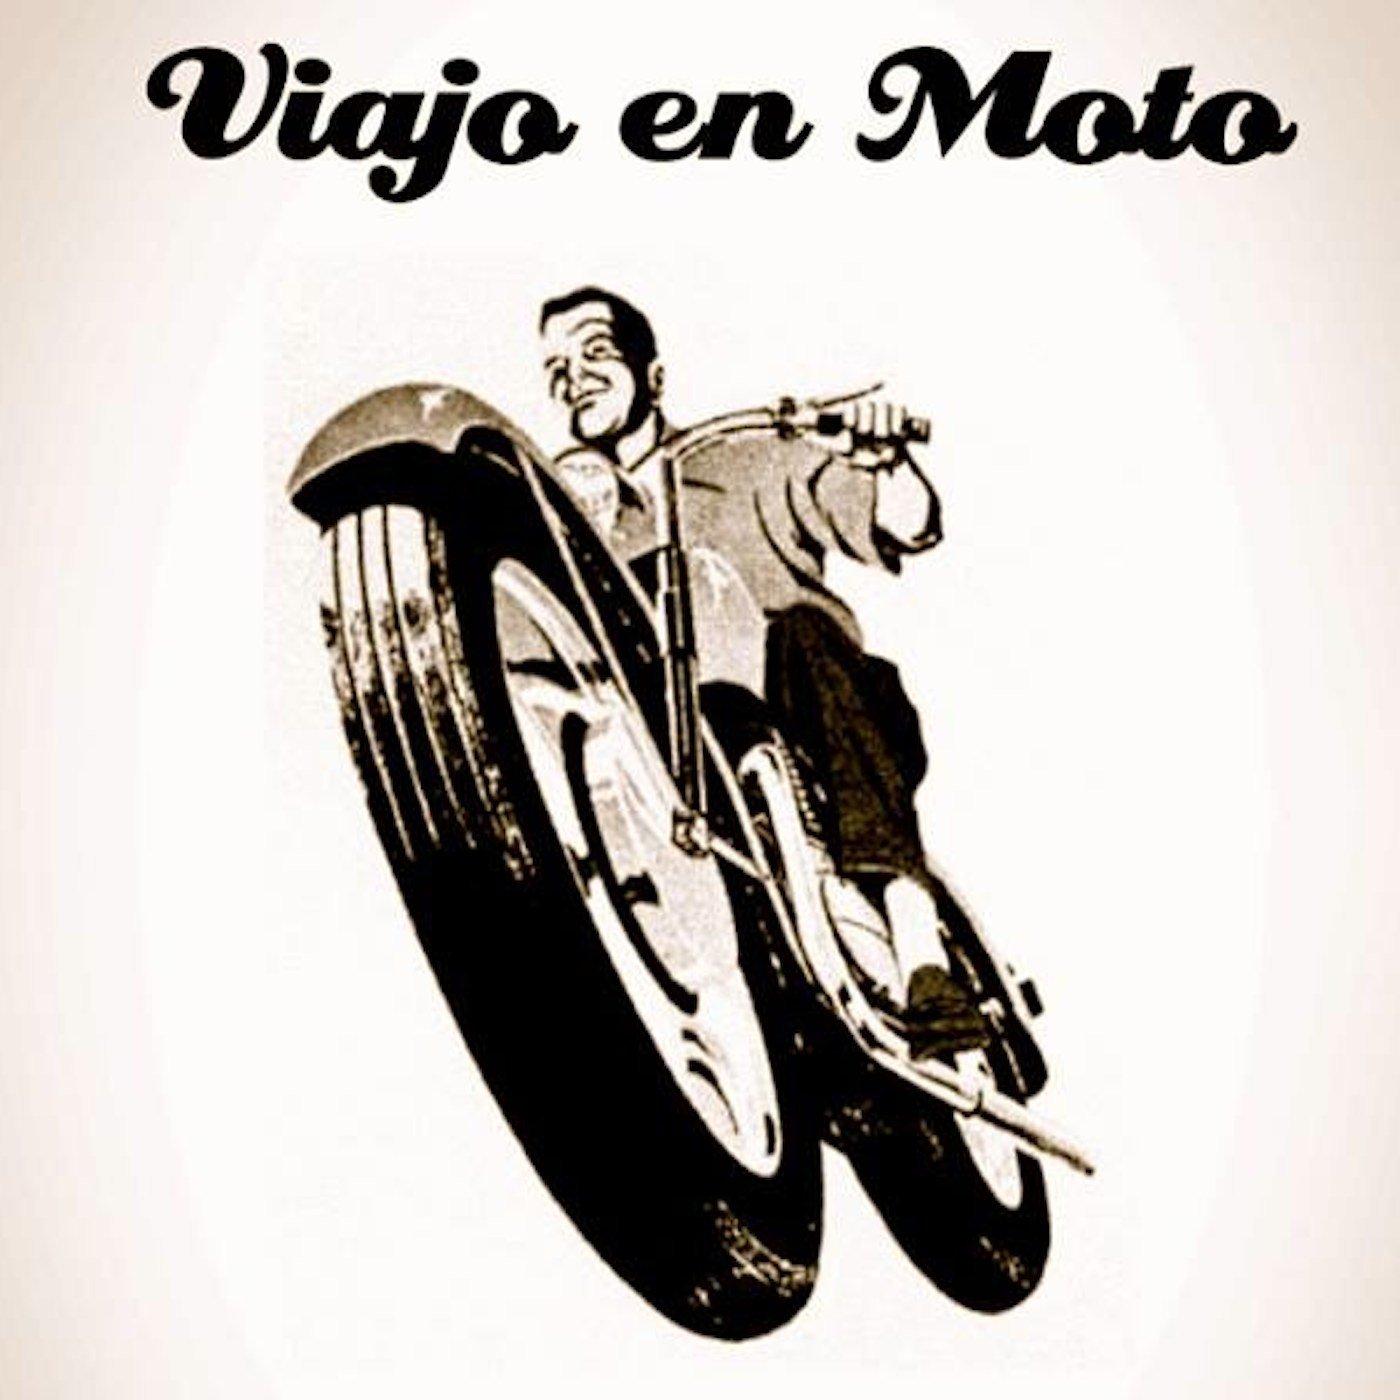 <![CDATA[Viajo en Moto]]>